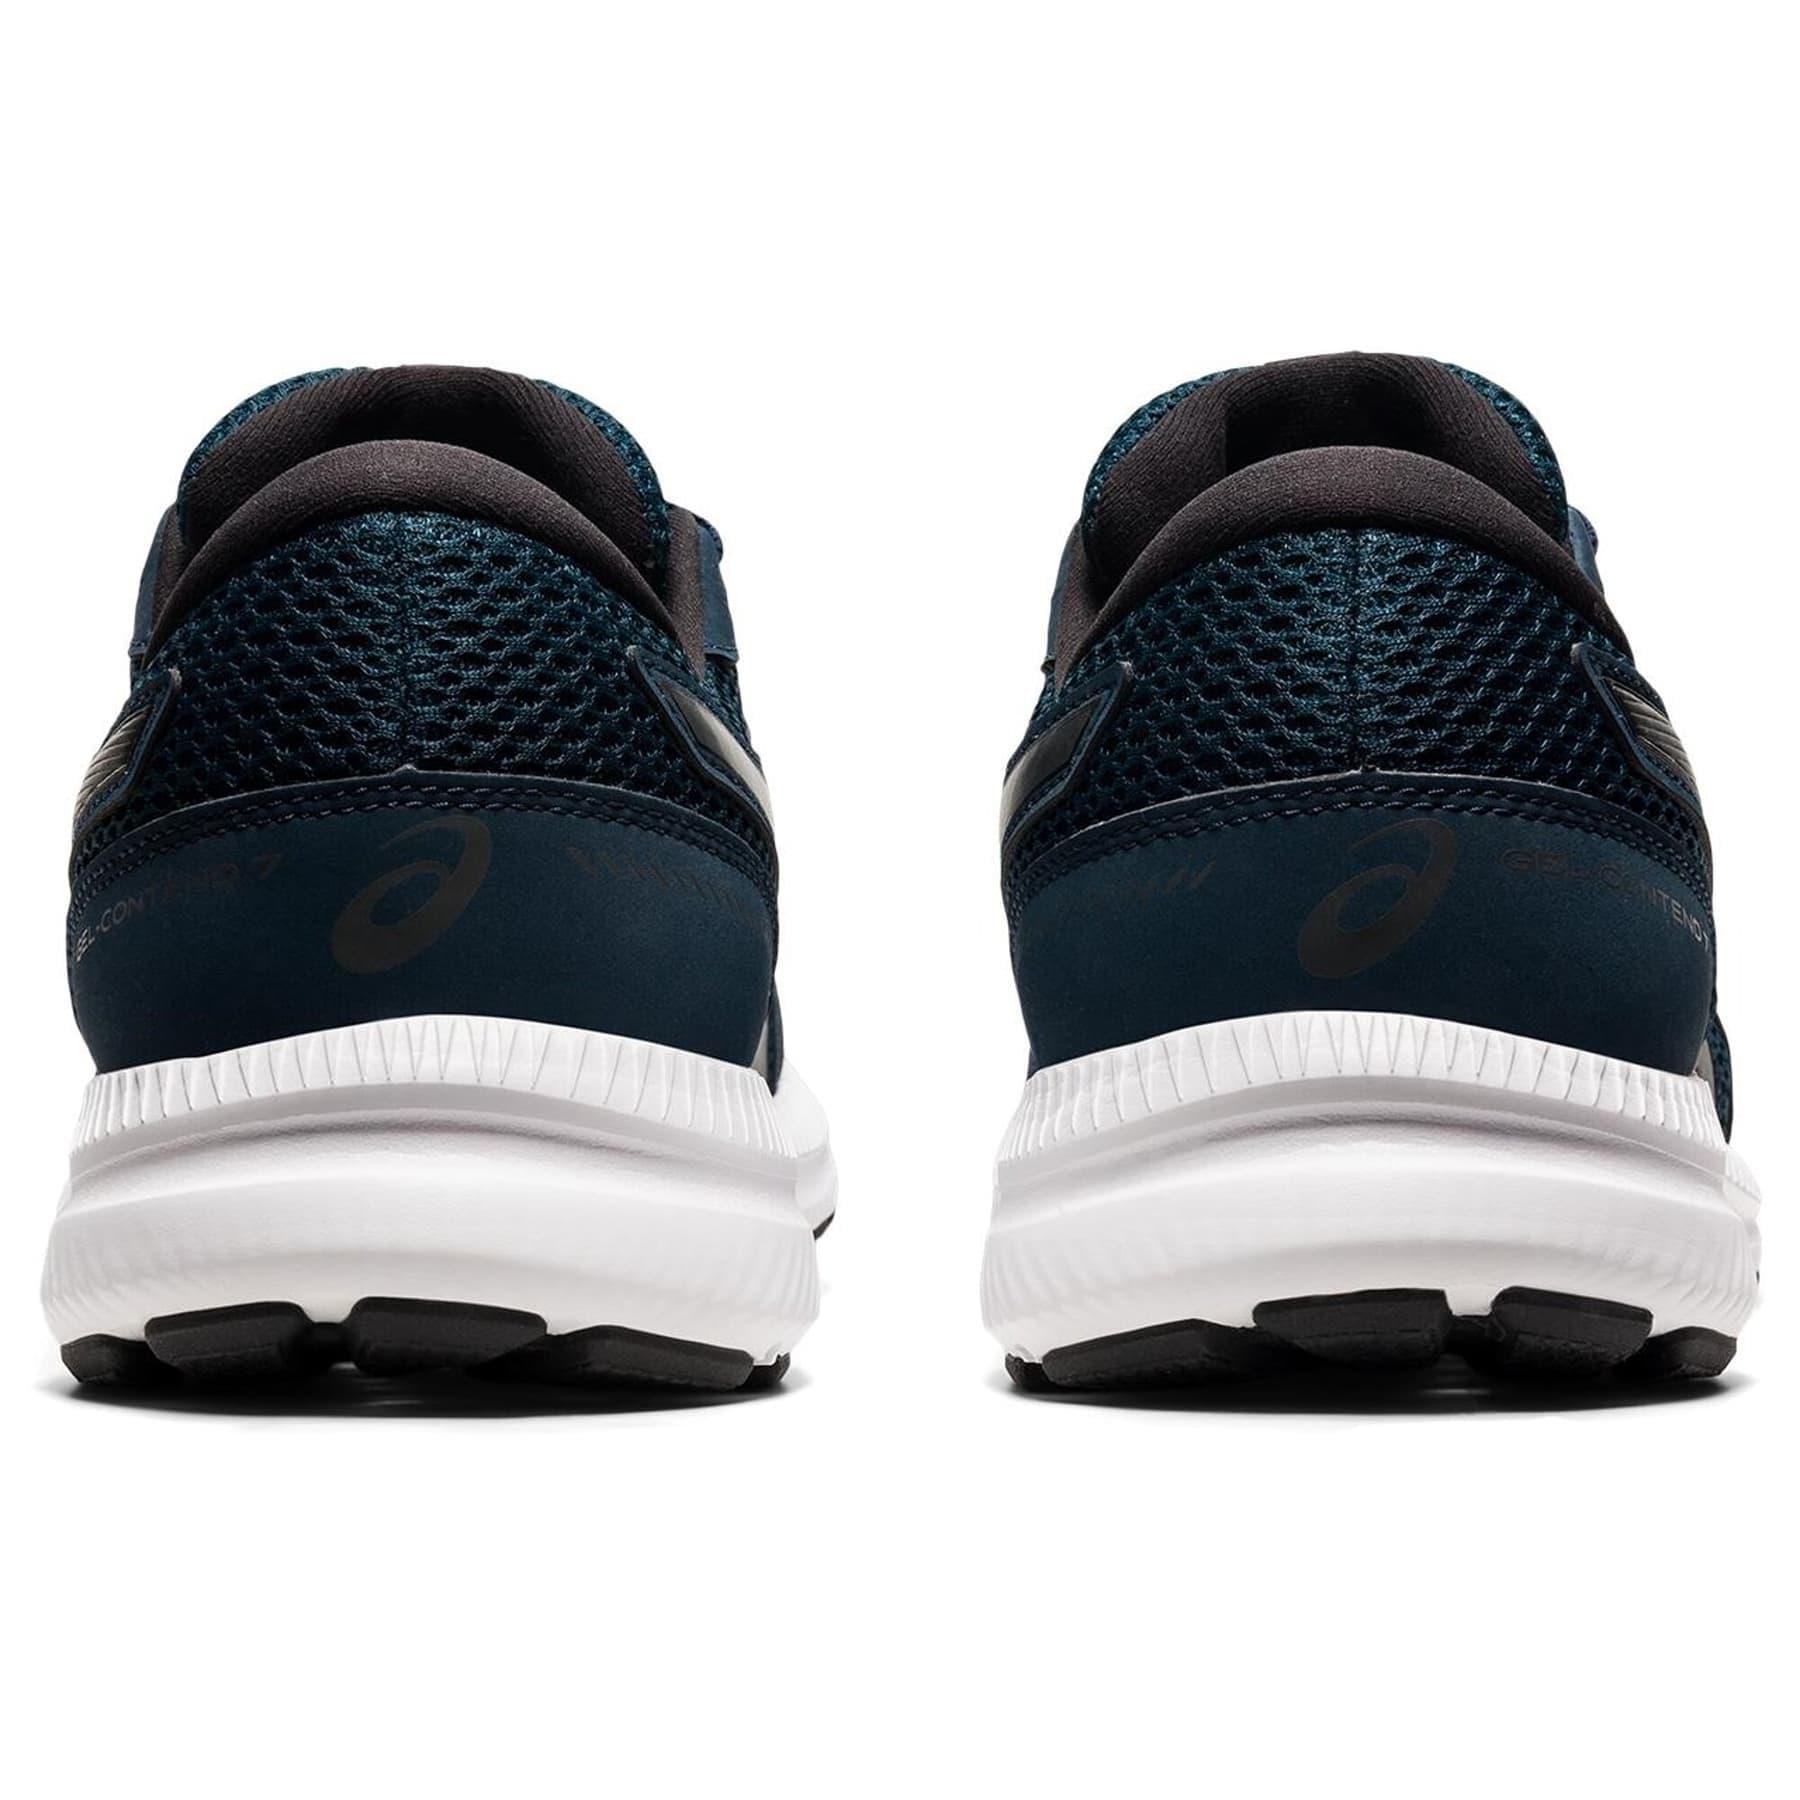 Gel-Contend 7 Erkek Mavi Koşu Ayakkabısı (1011B040-400)